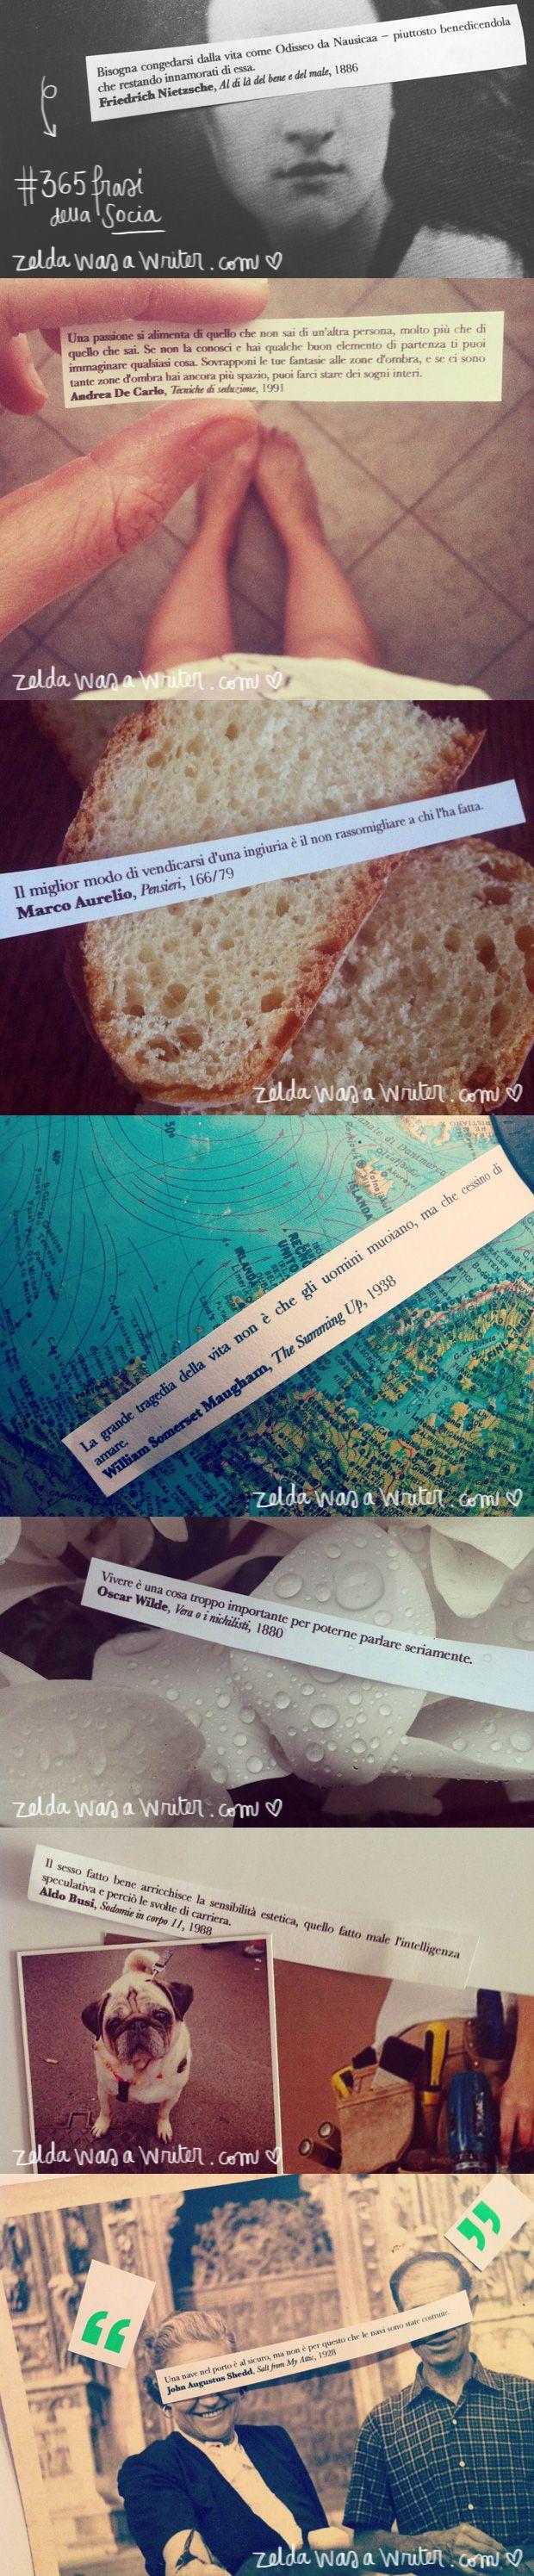 Fiori & Frasi - 17 gennaio 2014 | Zelda was a writer